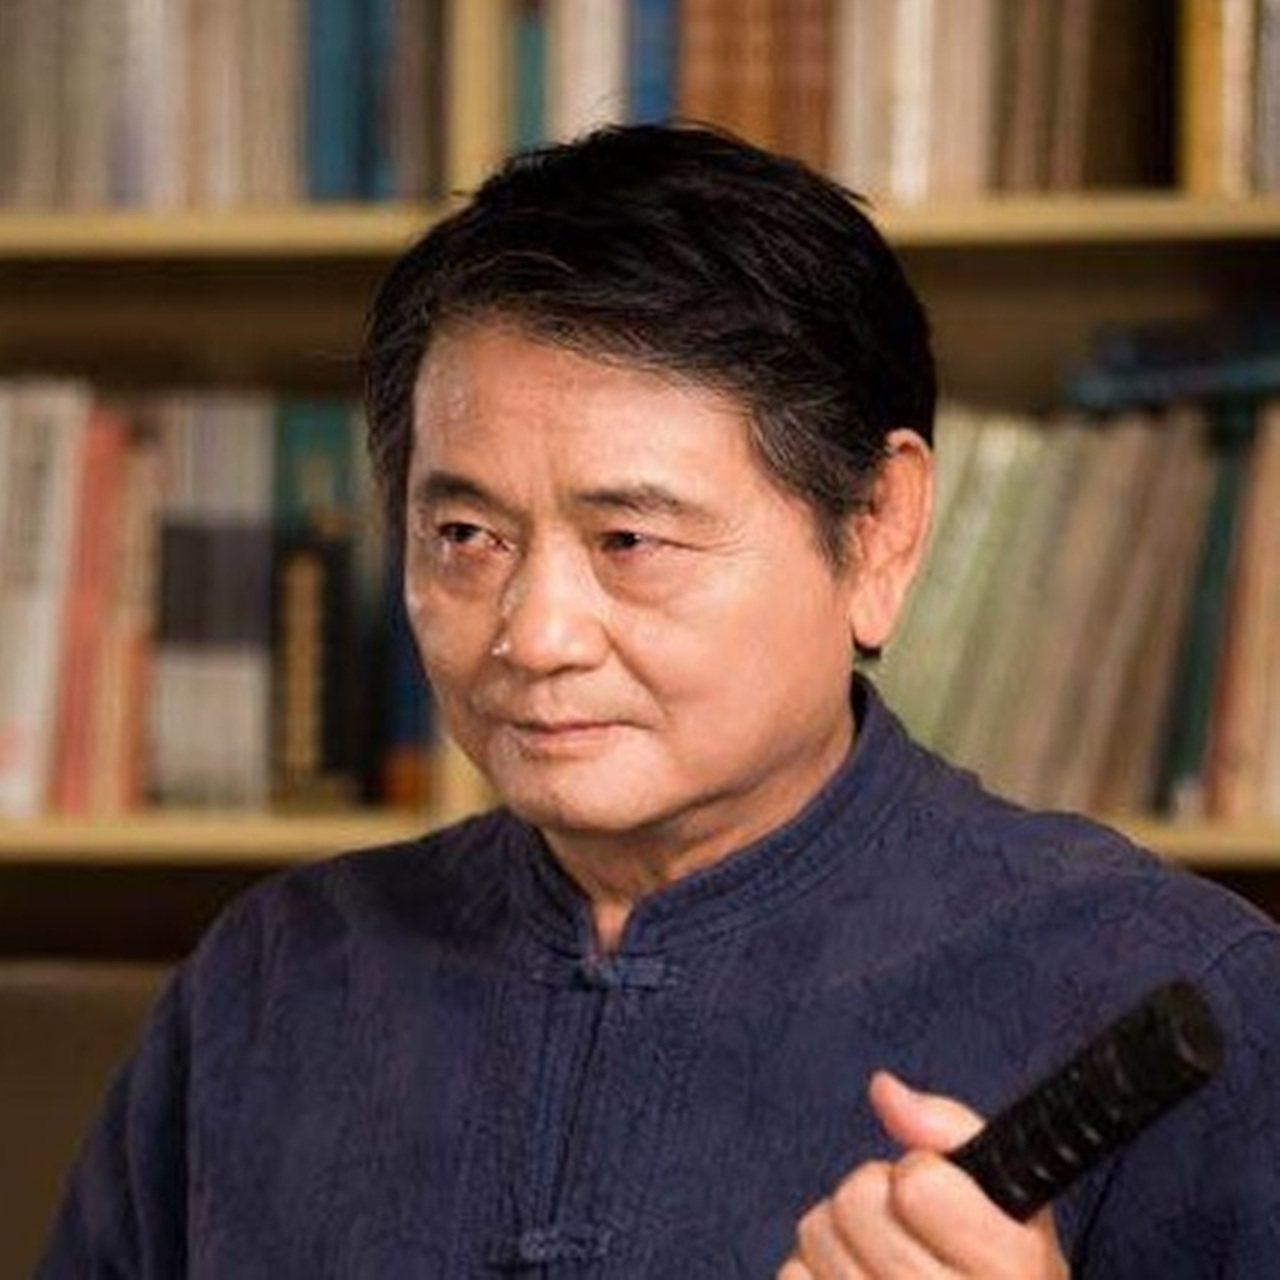 台師大國文學系教授林保淳。圖/取自林保淳臉書